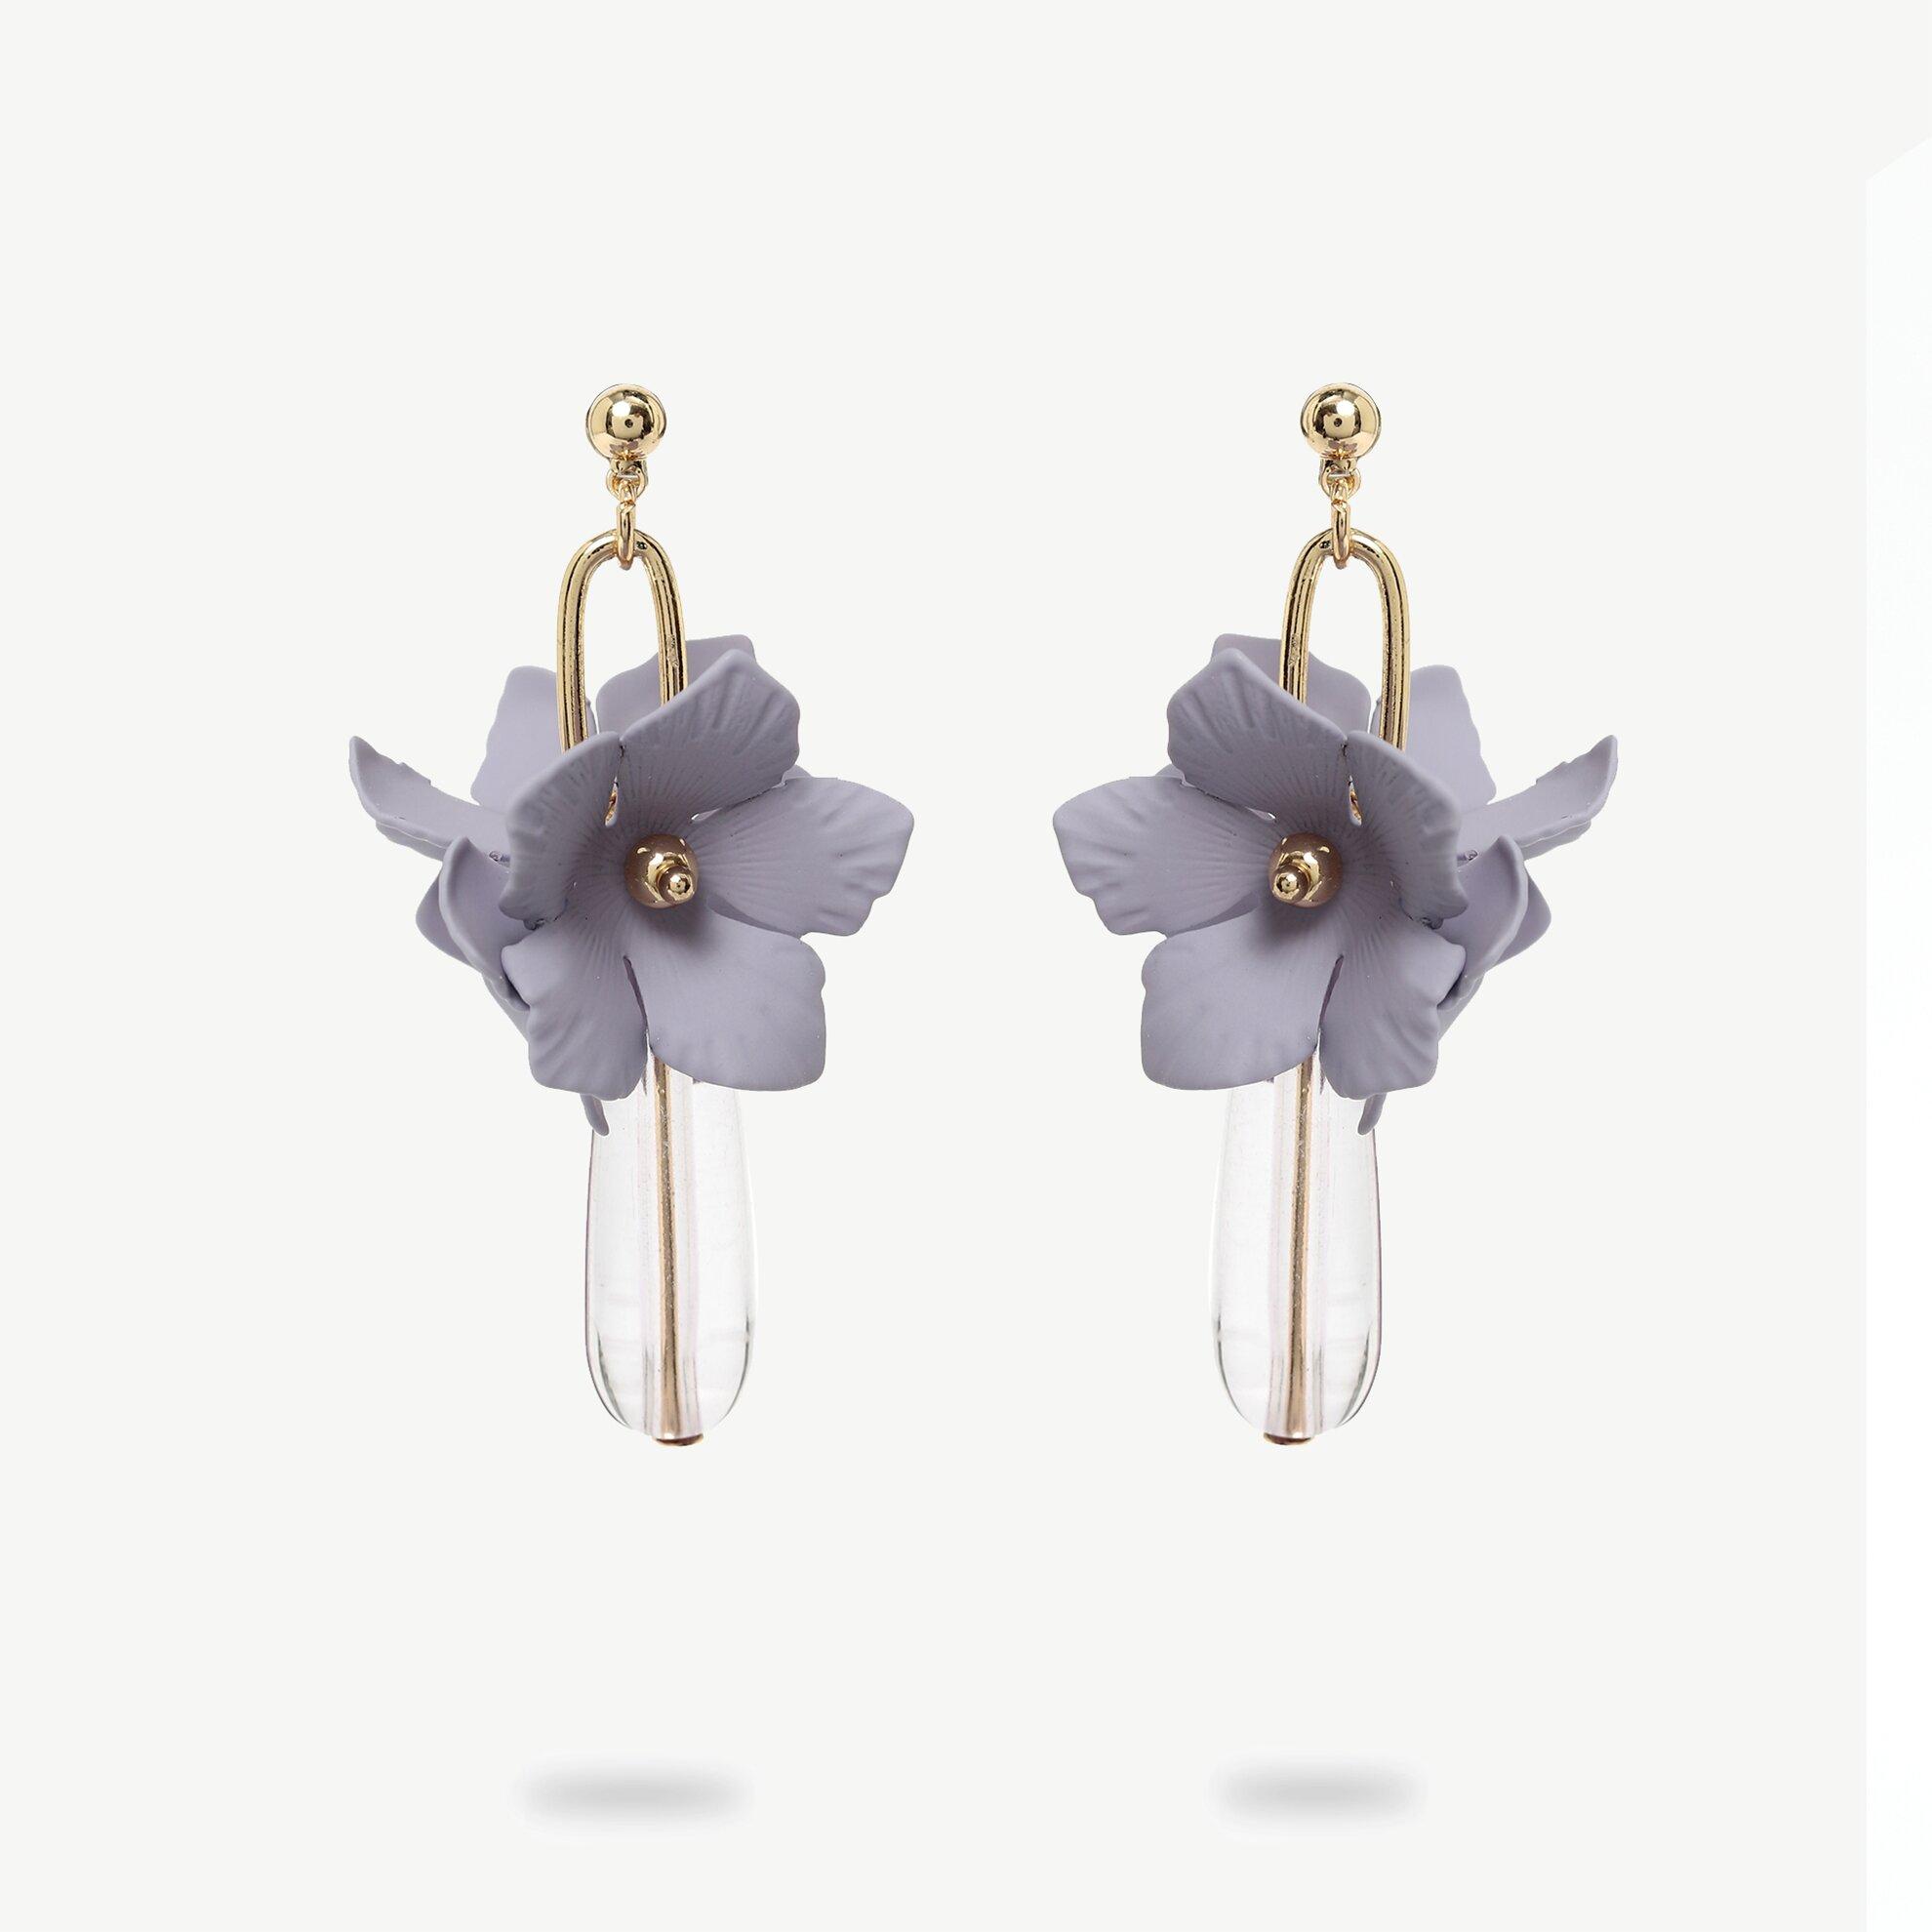 Çiçek Formlu Sallantılı Küpe